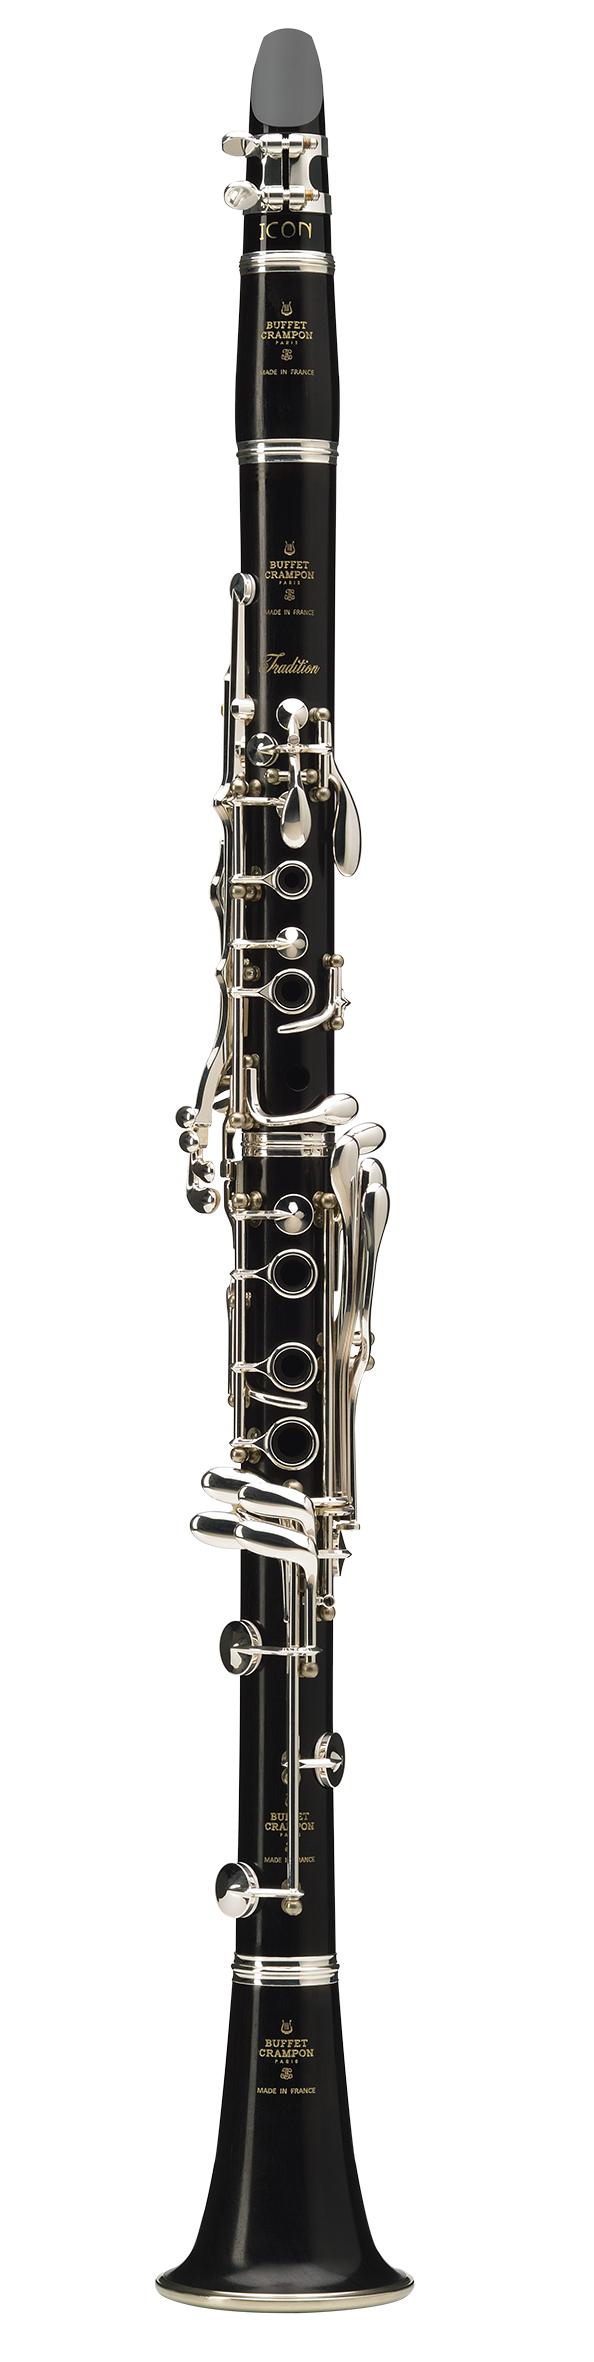 Buffet - BC - 1216L - 2 - 0 - Tradition - Holzblasinstrumente - Klarinetten | MUSIK BERTRAM Deutschland Freiburg